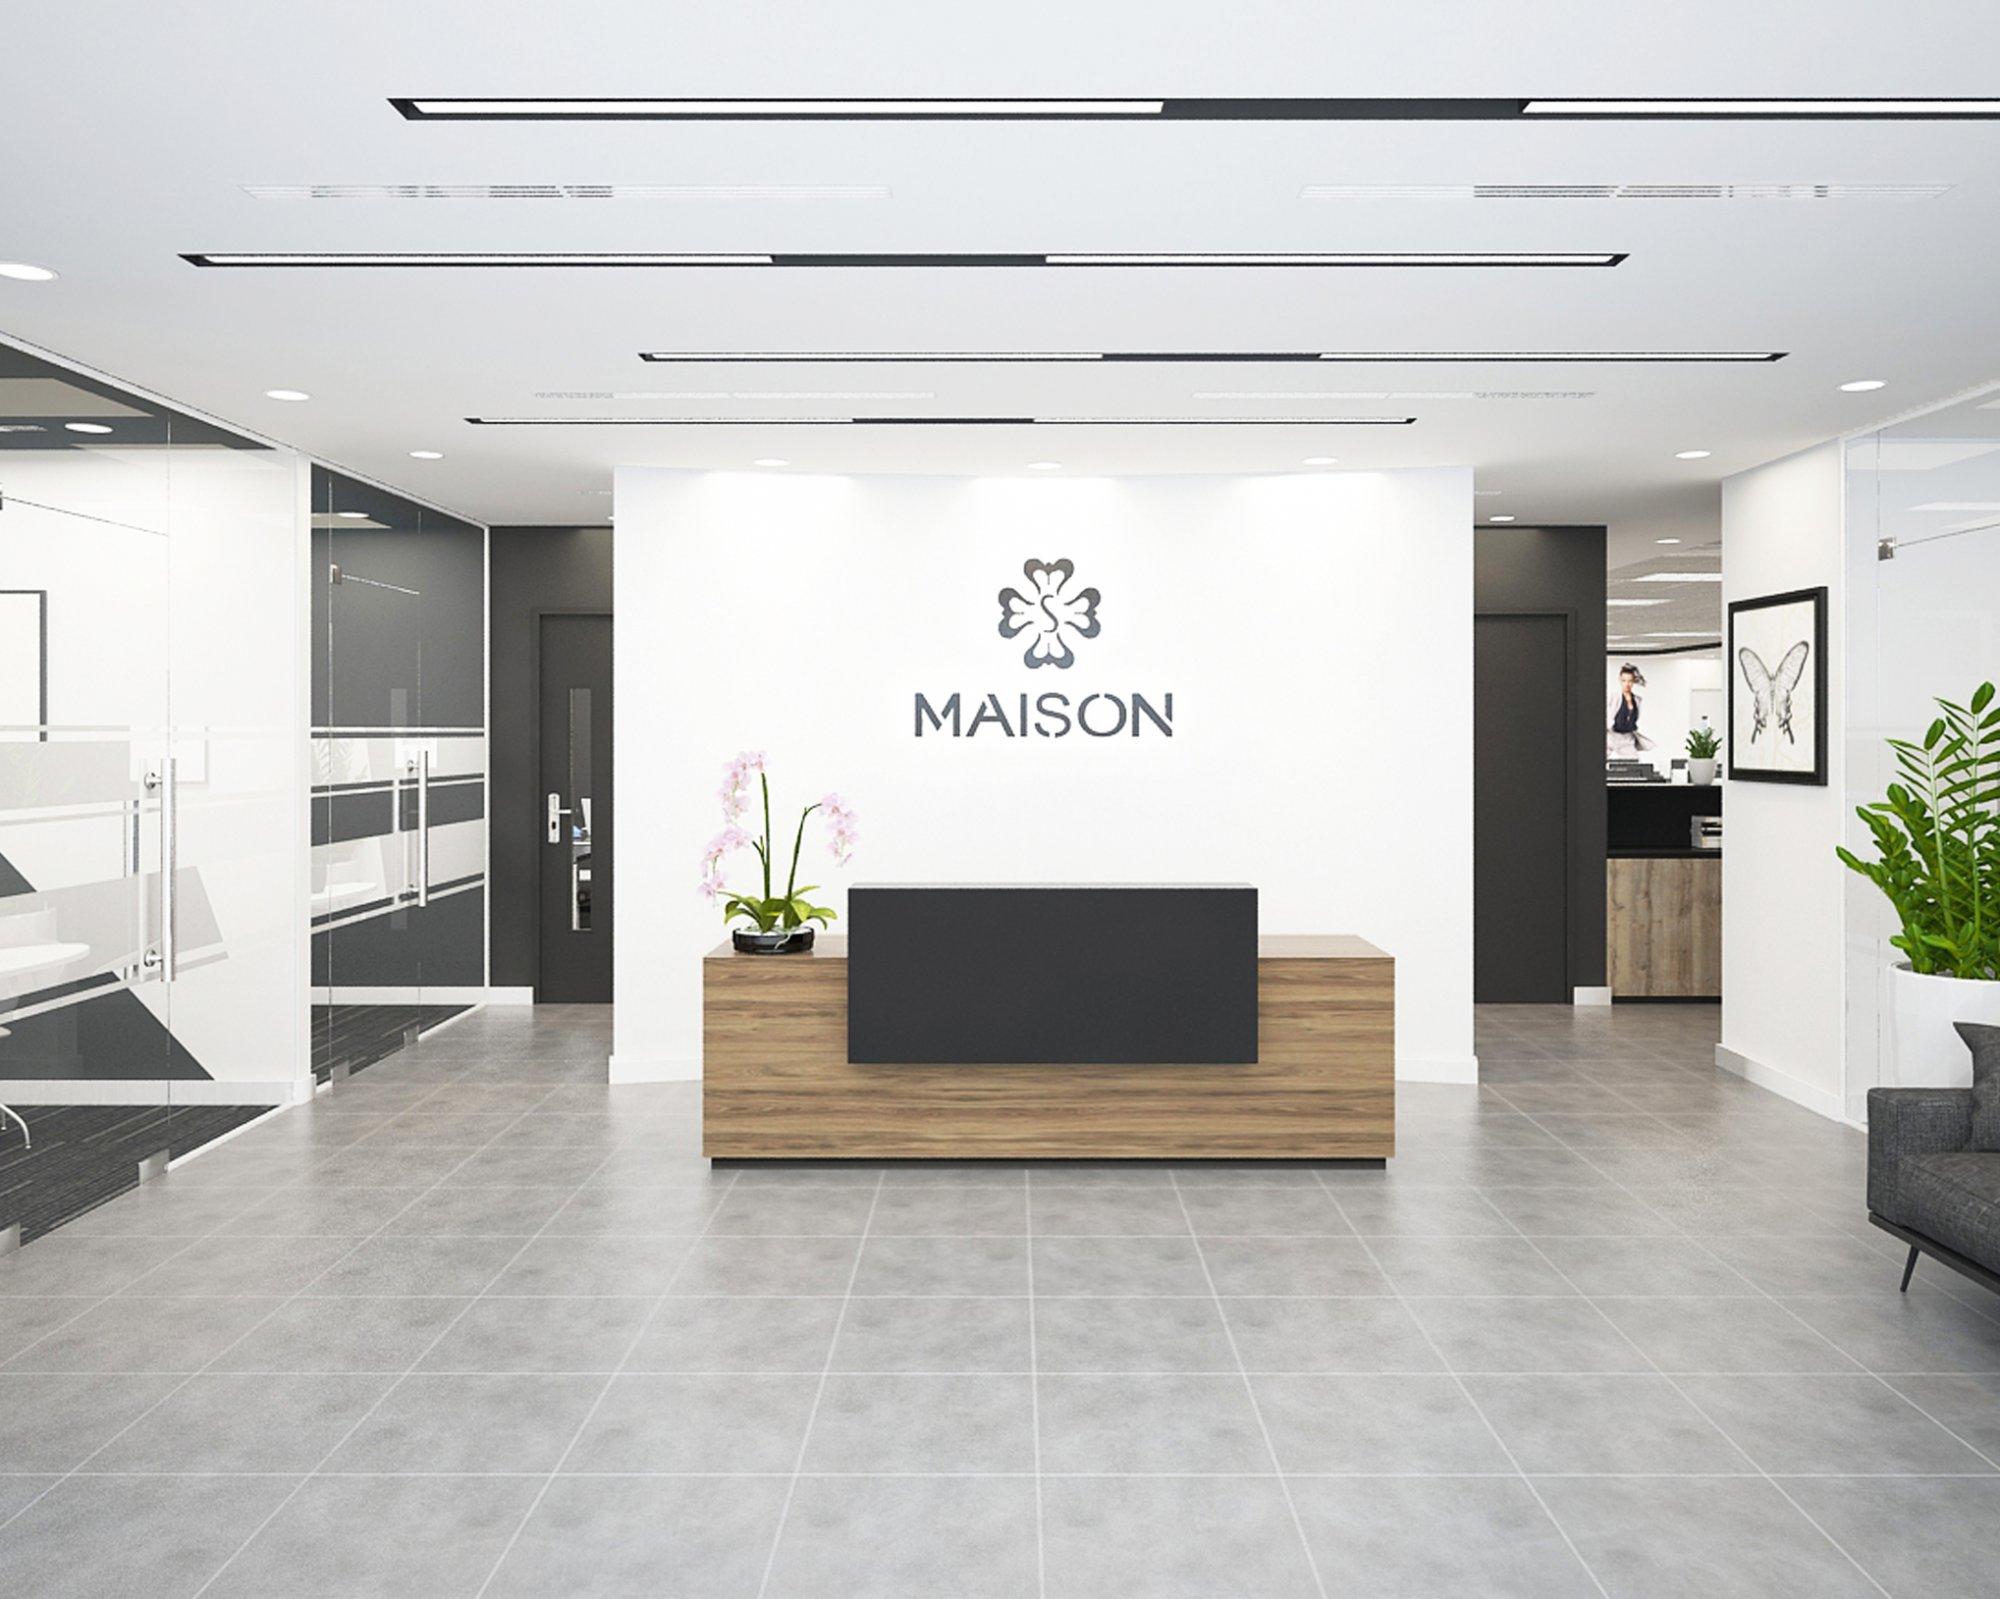 CLIENT: MAISON